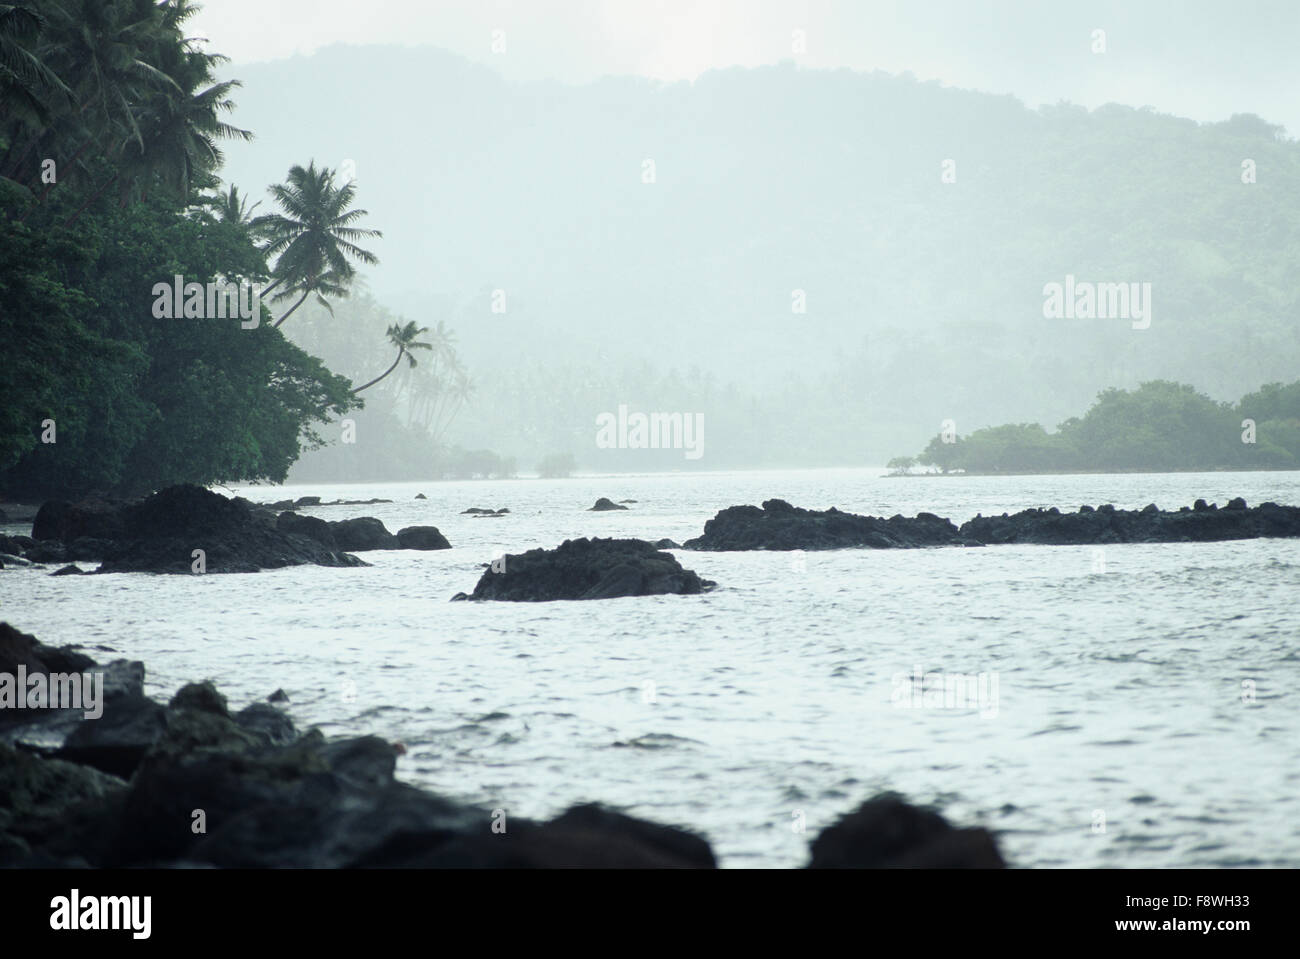 Fiji Islands, Viti Levu, Savusavu Bay scenic - Stock Image